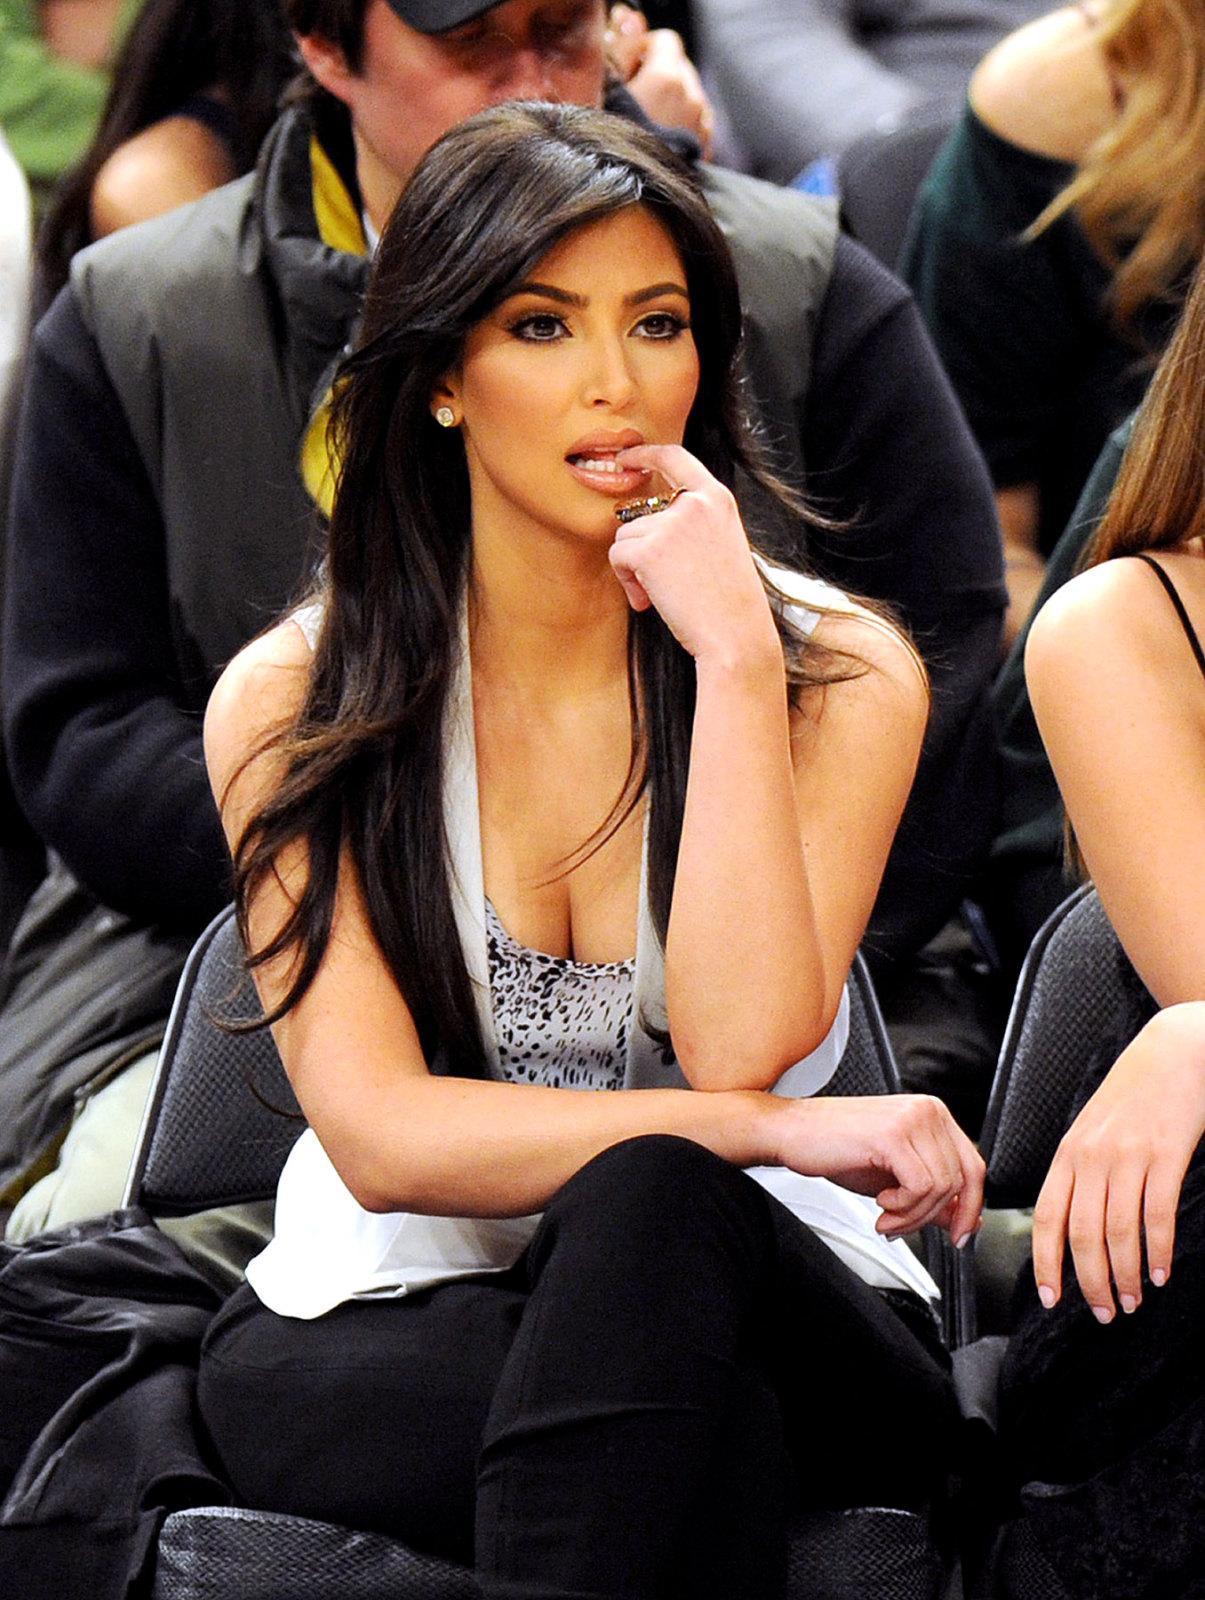 http://1.bp.blogspot.com/-2N58cZfhyq8/Td_t_SiHqzI/AAAAAAAAAOQ/0hF7kTTh6jk/s1600/kim+kardashian+%25289%2529.jpg